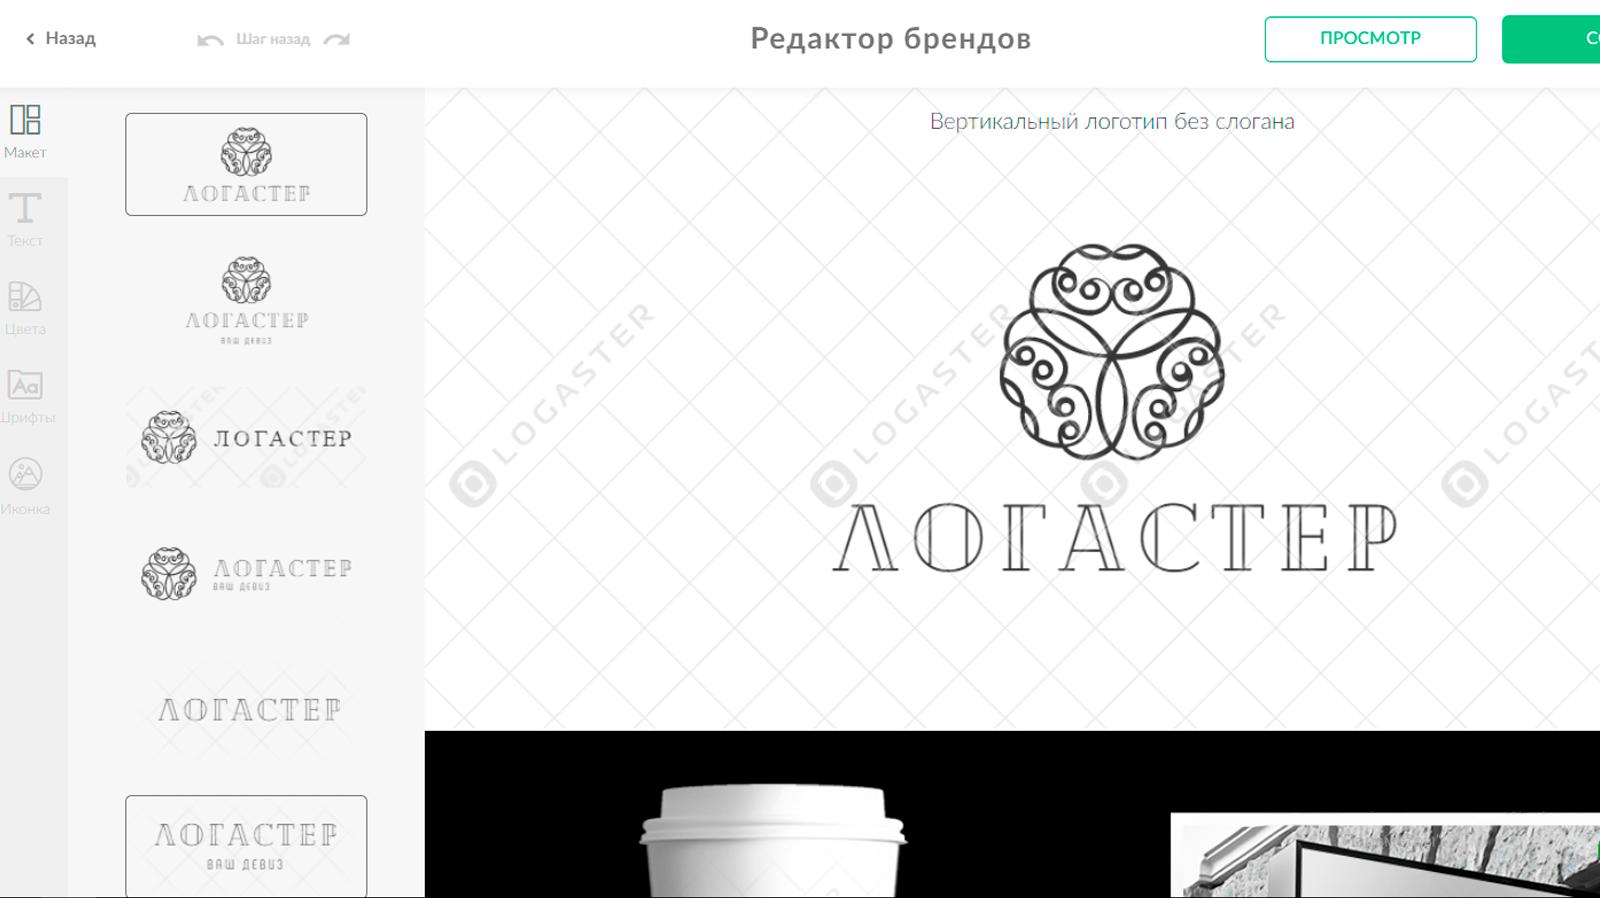 Логастер доработка лого